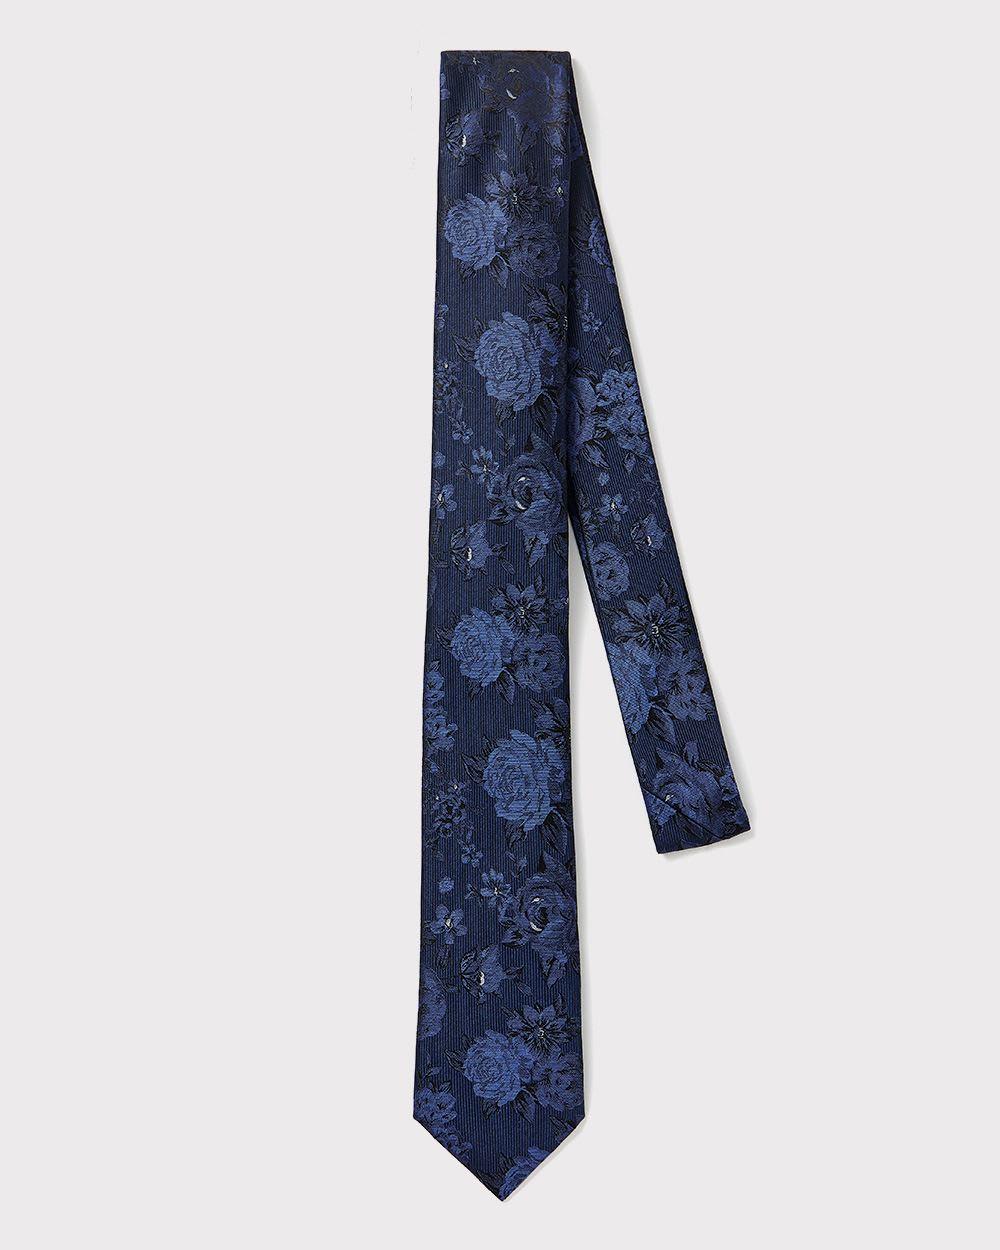 e8d476613ac0 Cravate régulière en soie à motif floral ton sur ton   RW CO.